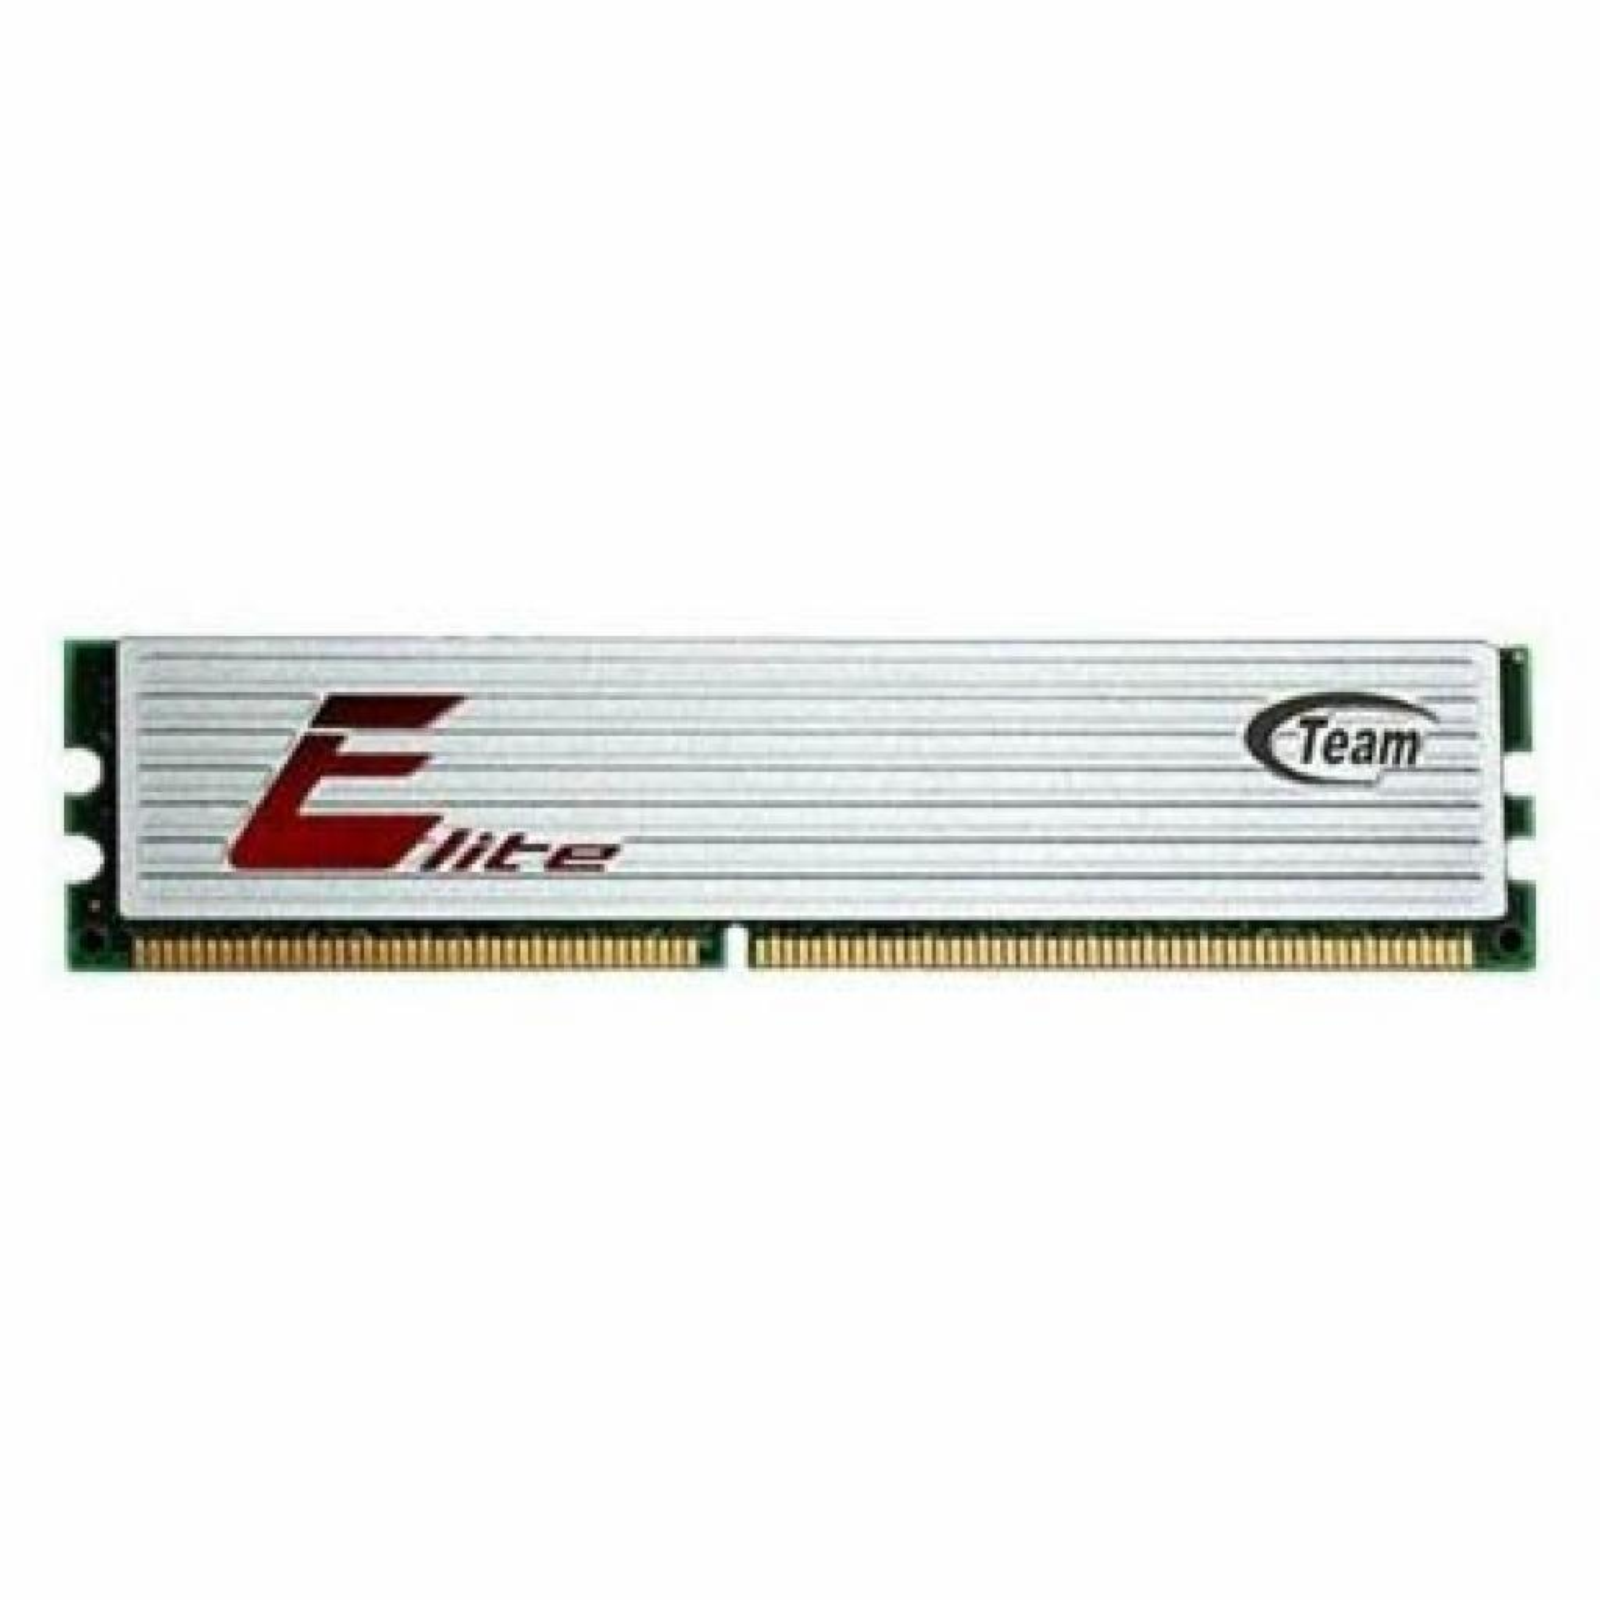 Модуль памяти для компьютера DDR3 4GB 1333 MHz Team (TED34GM1333HC9BK / TED34G1333HC9BK)